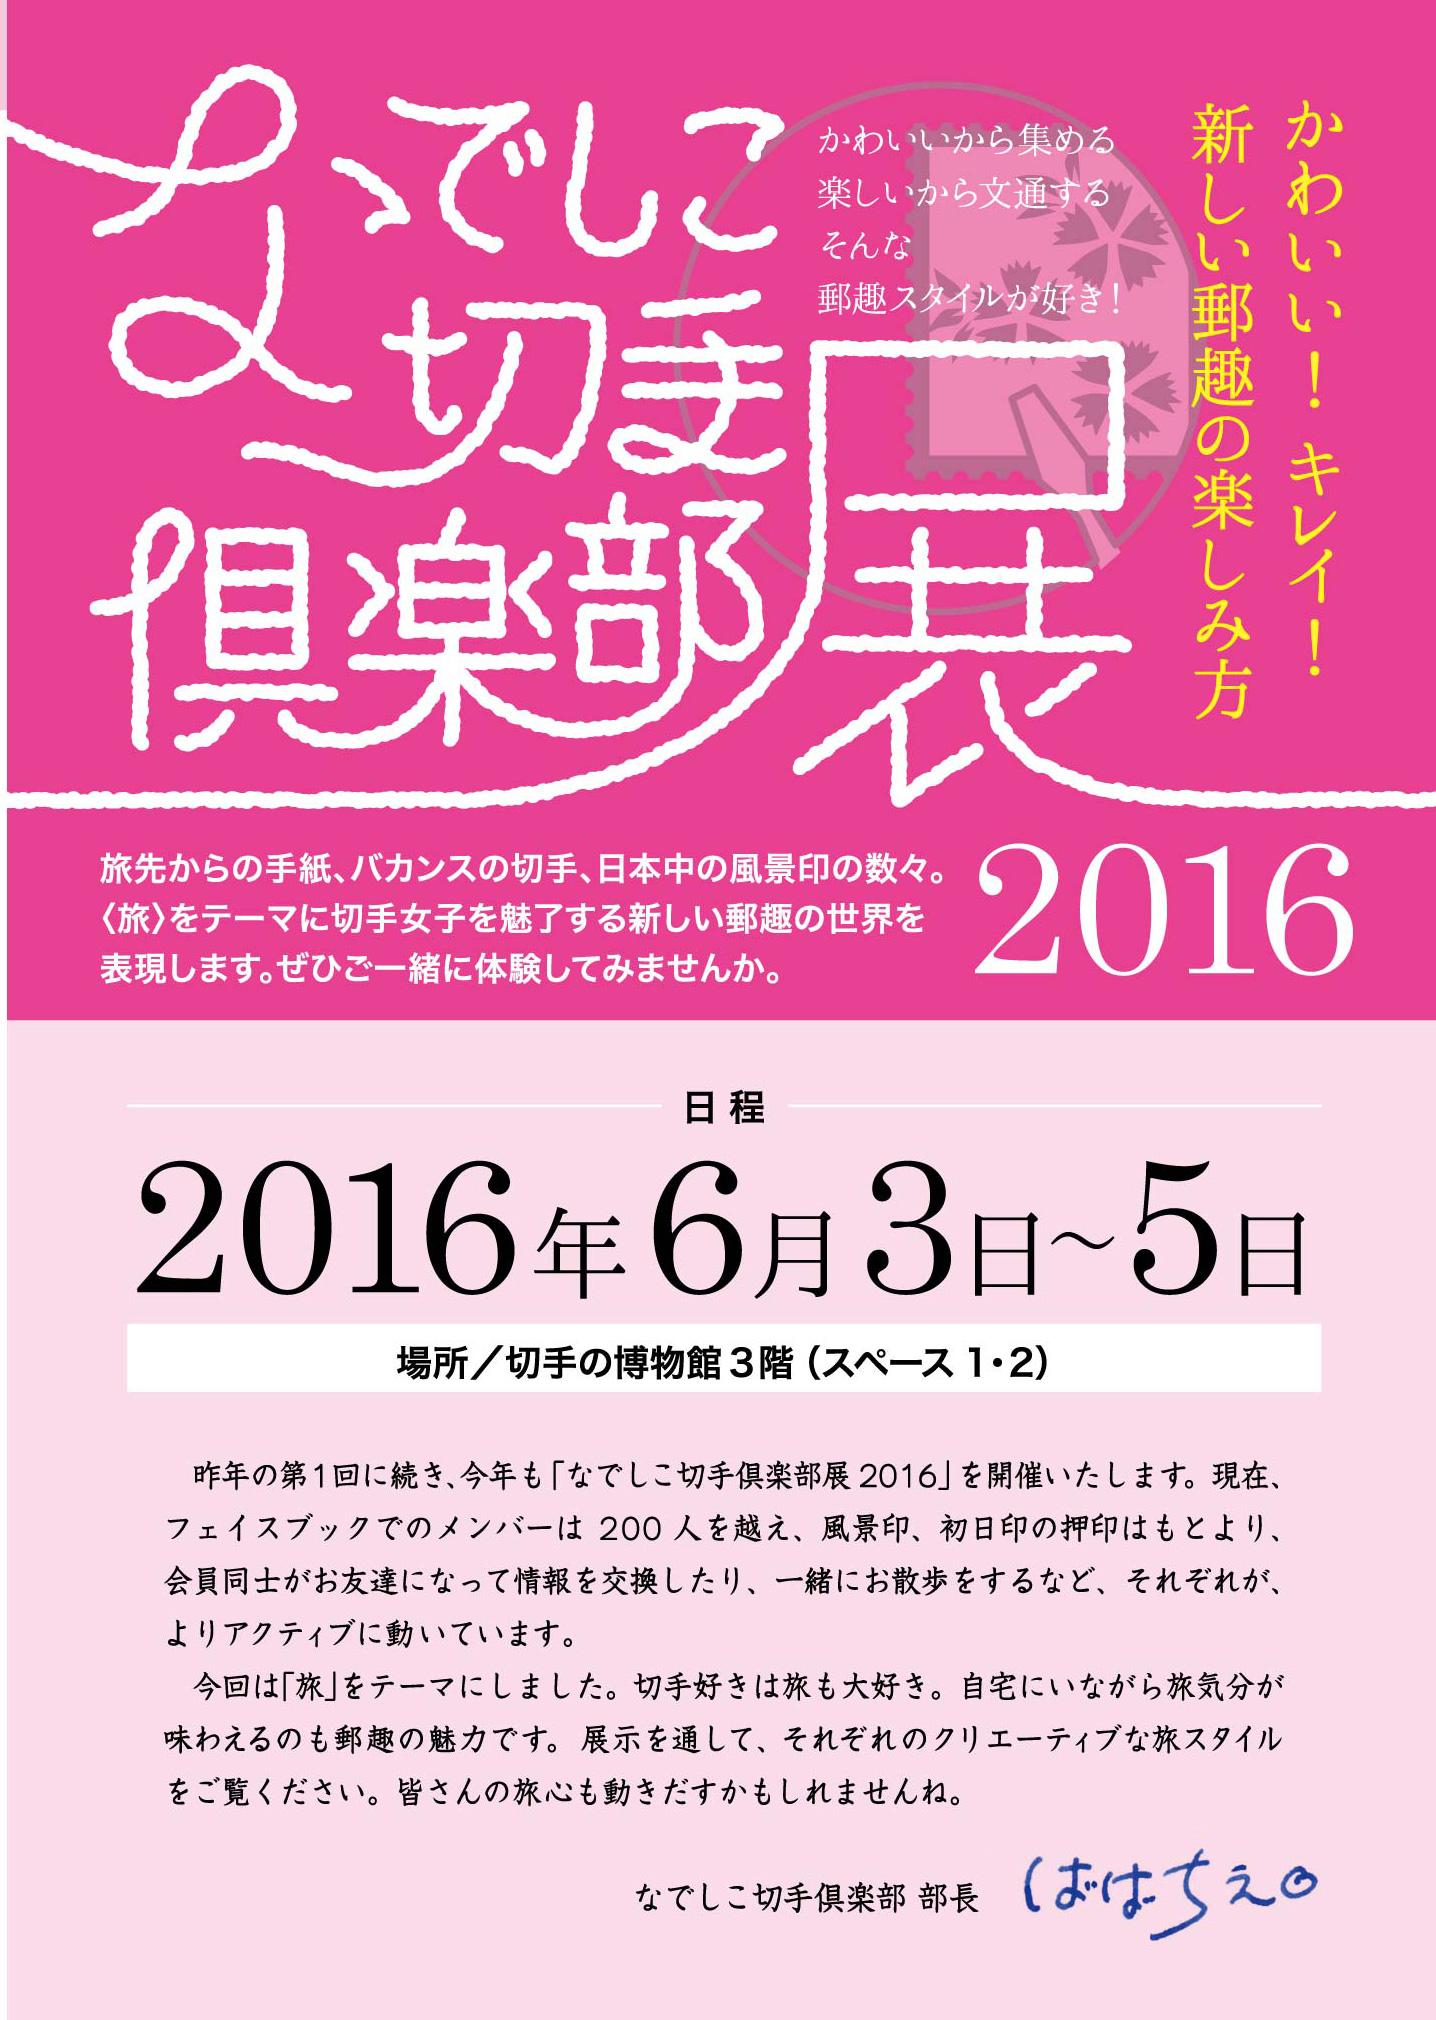 なでしこ切手倶楽部展2016パンフレット P1